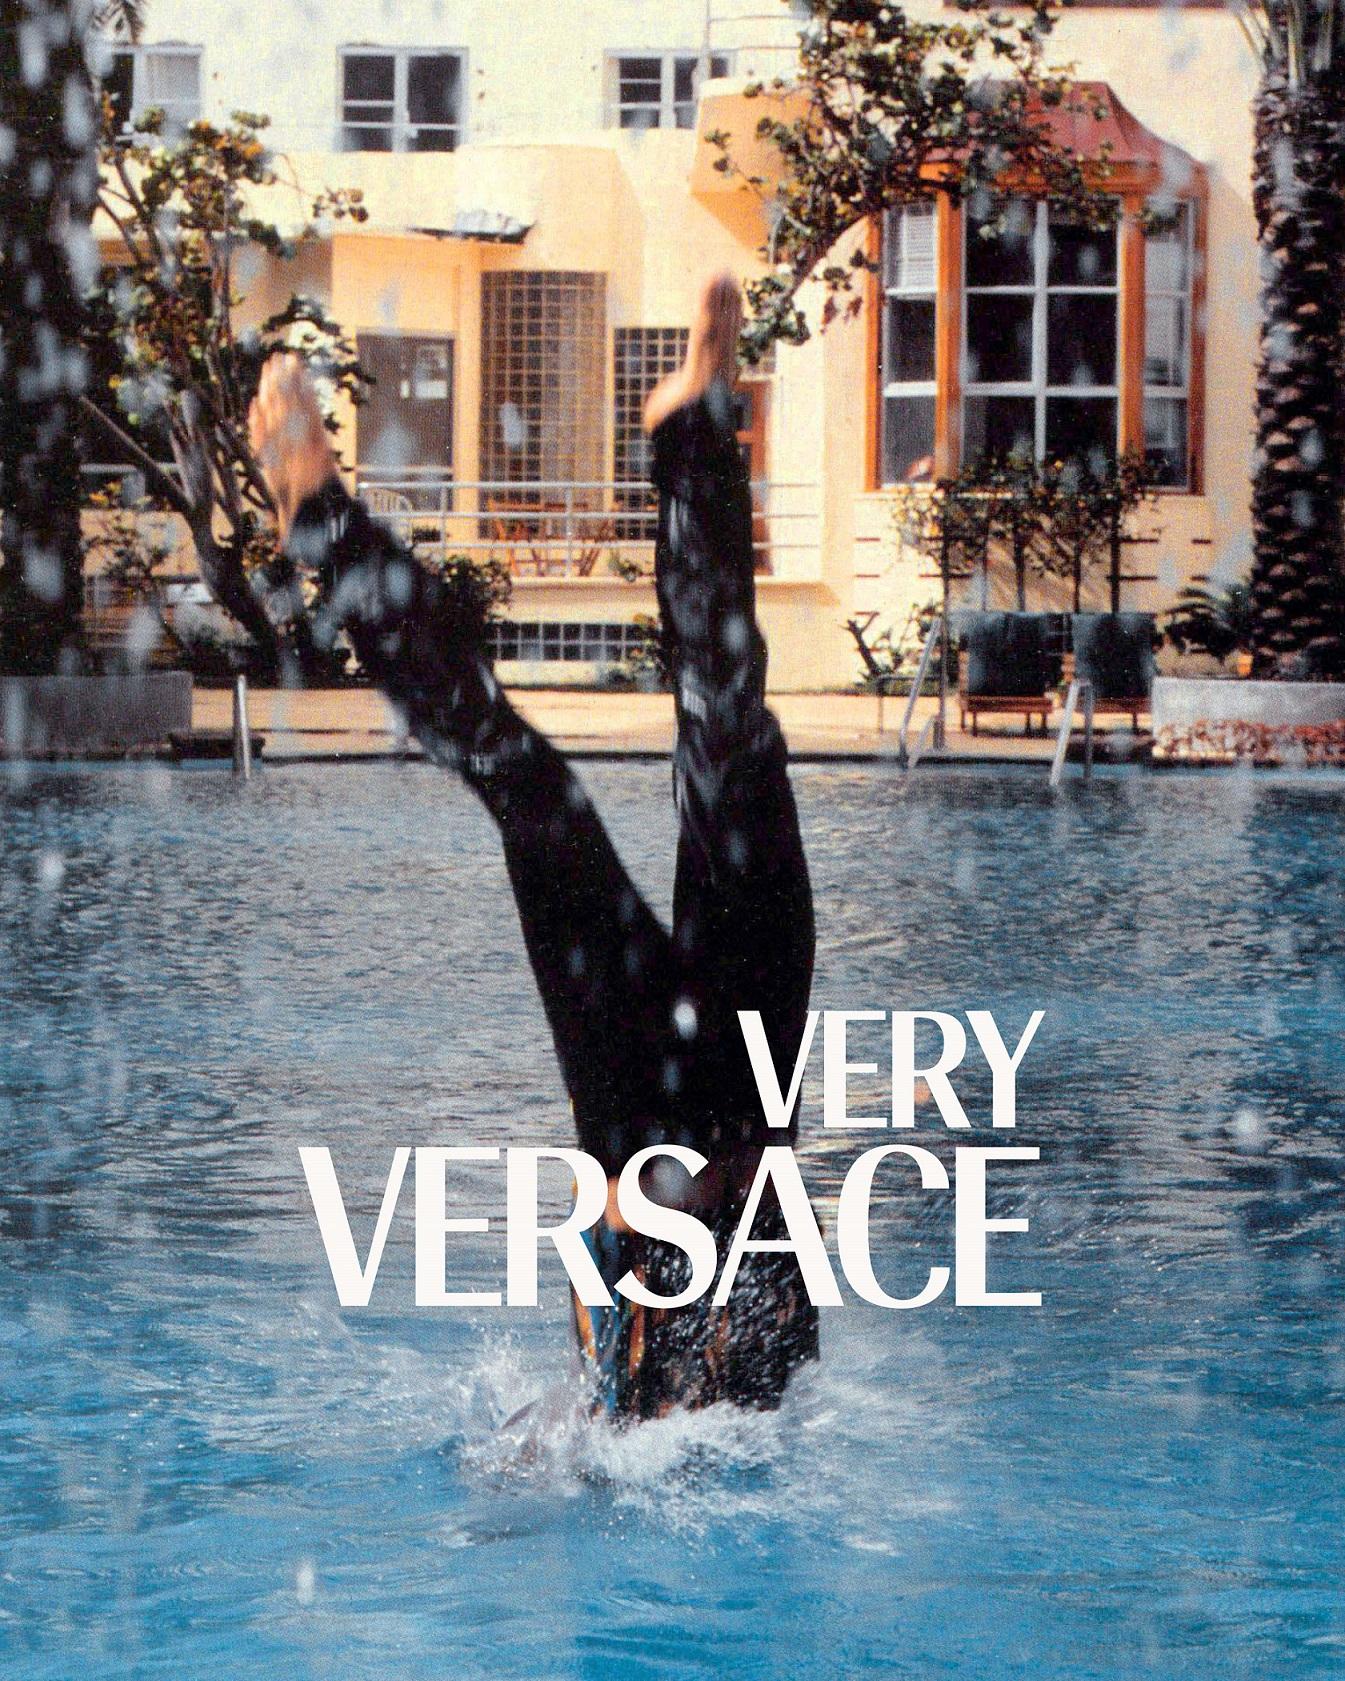 Very Versace challenge 2020